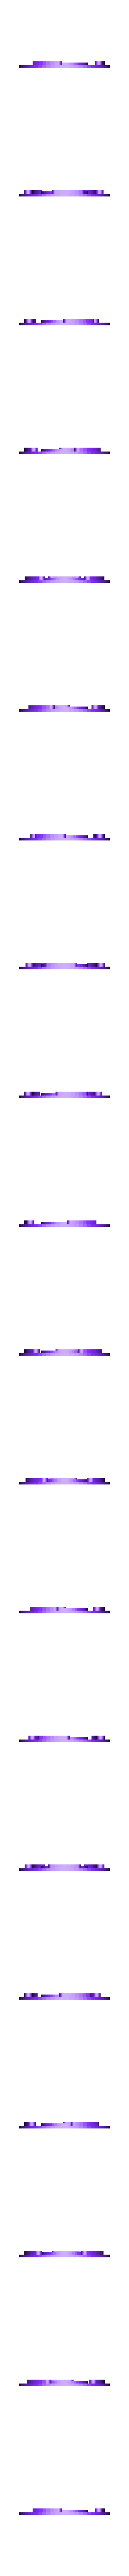 V_Buck-2.STL Télécharger fichier STL gratuit V-bucks bi-couleur • Modèle imprimable en 3D, cedricdepedrini